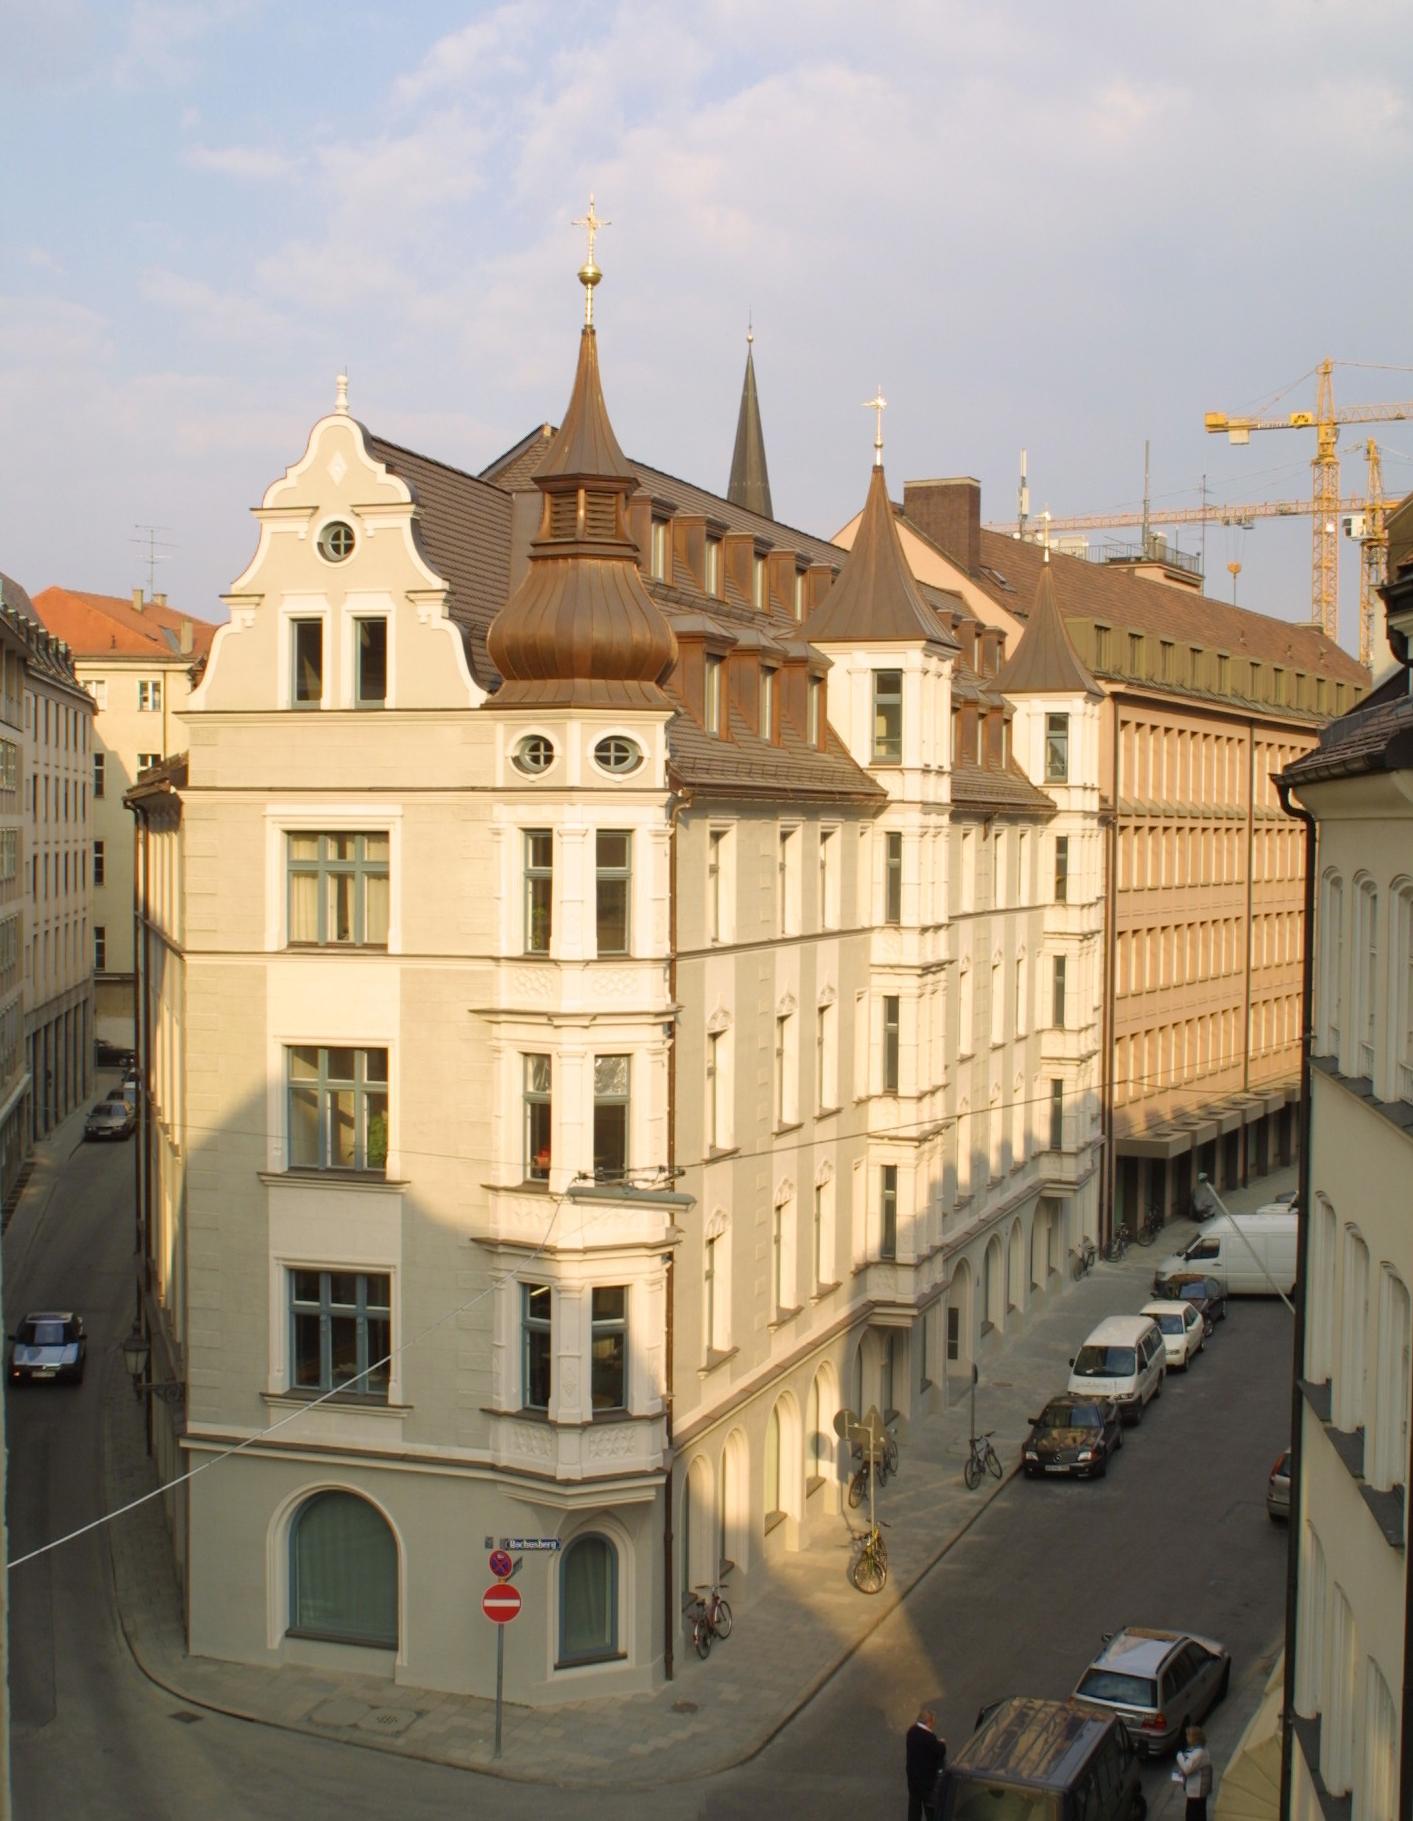 Unutzung, Erweiterung + Teilentkernung Denkmal geschütztes Gebäude (5.000 qm NFL), München